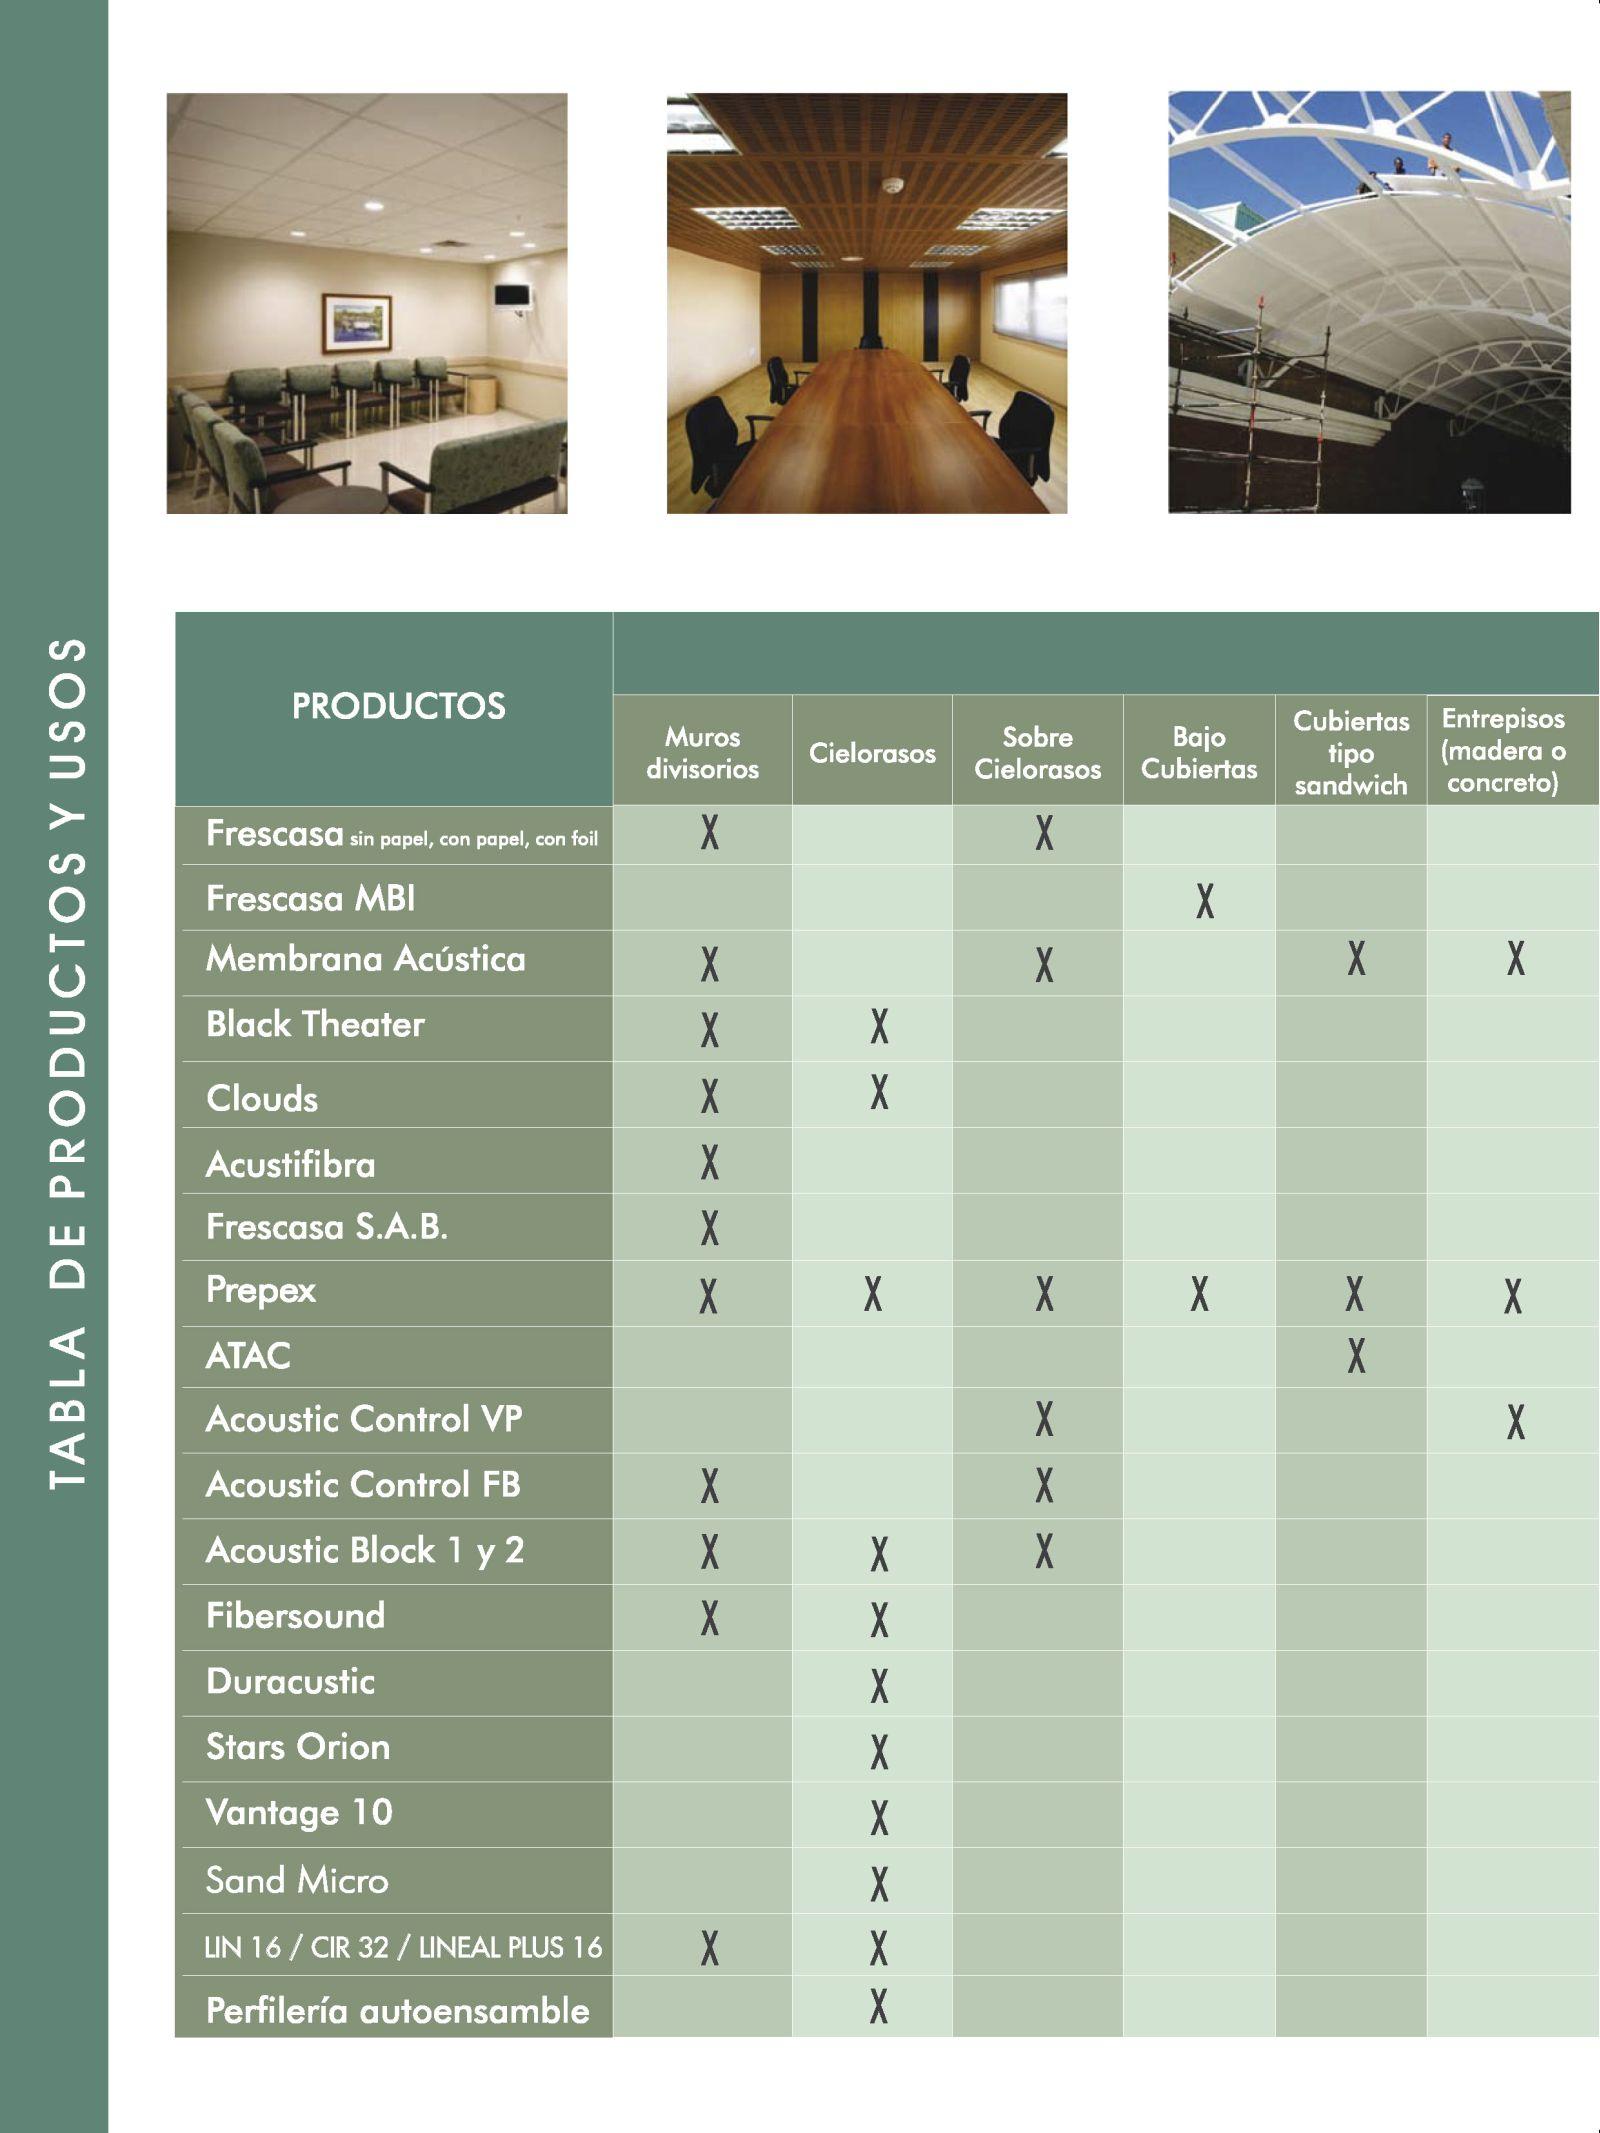 Fiberglass catalogo arquitectura 2015 pagina 04 acabados for Catalogo arquitectura